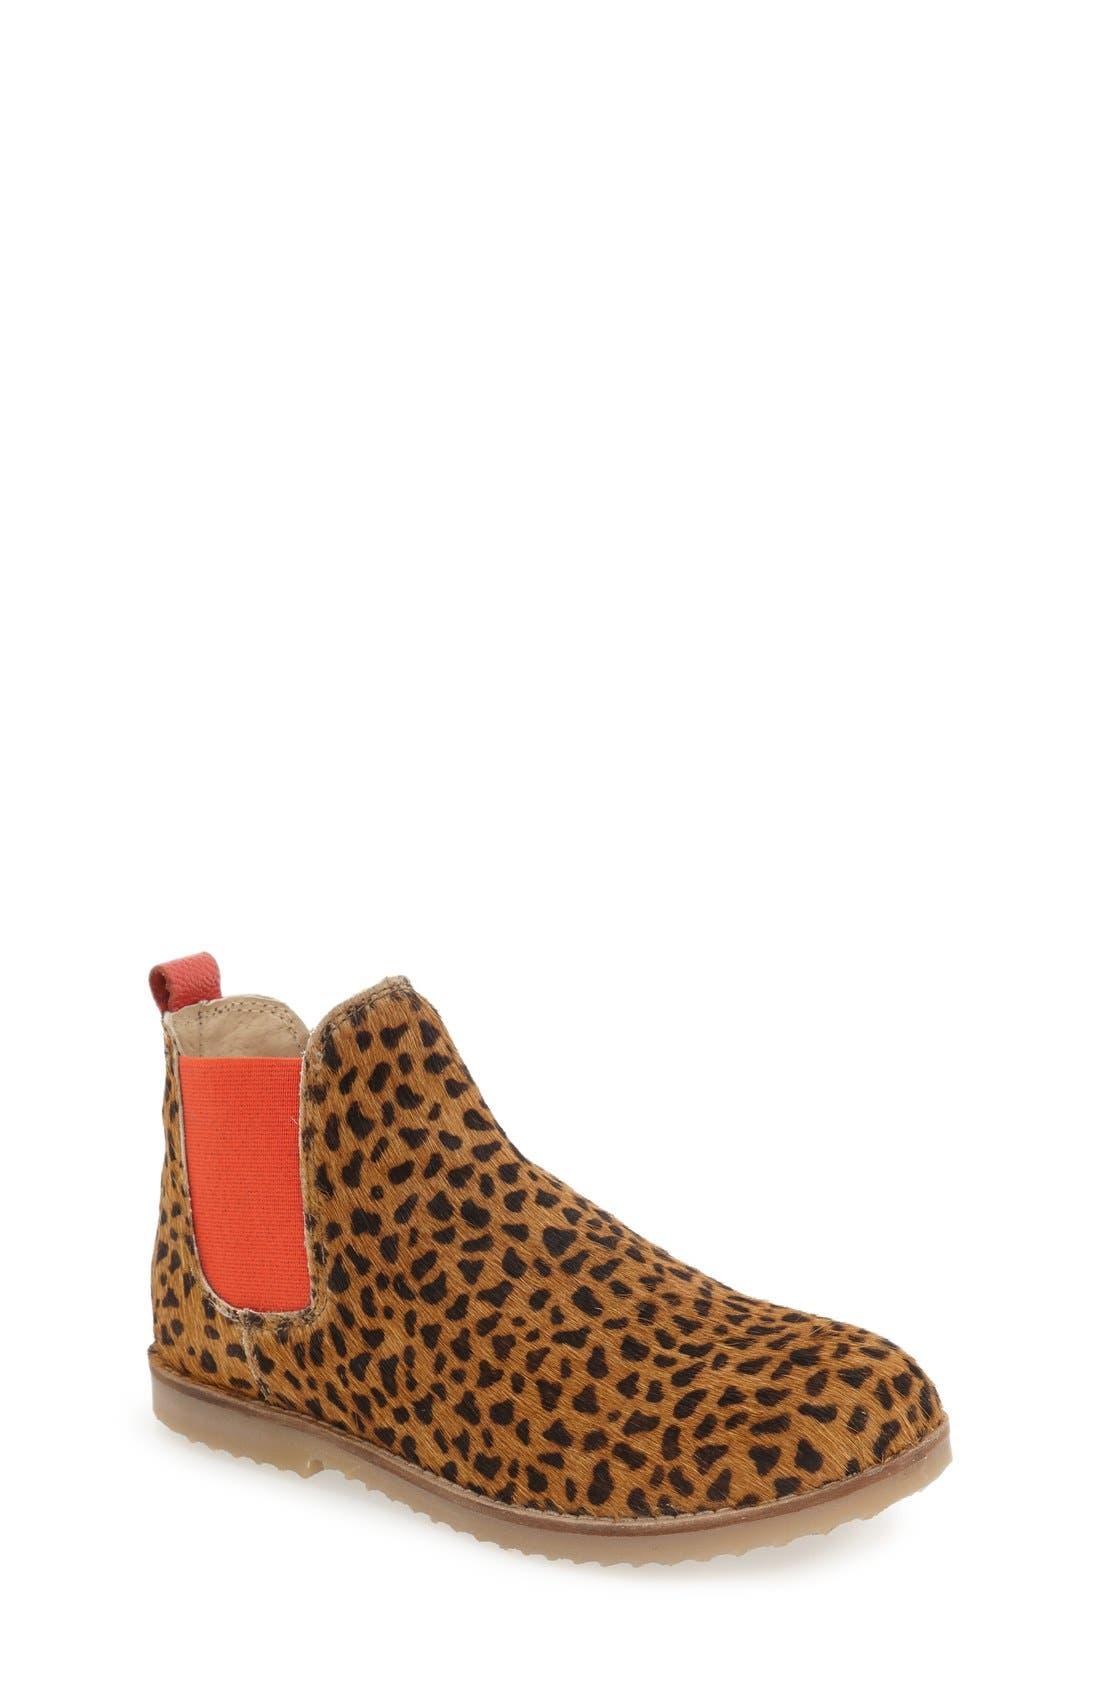 Chelsea Boot,                         Main,                         color, SCHOOL NAVY